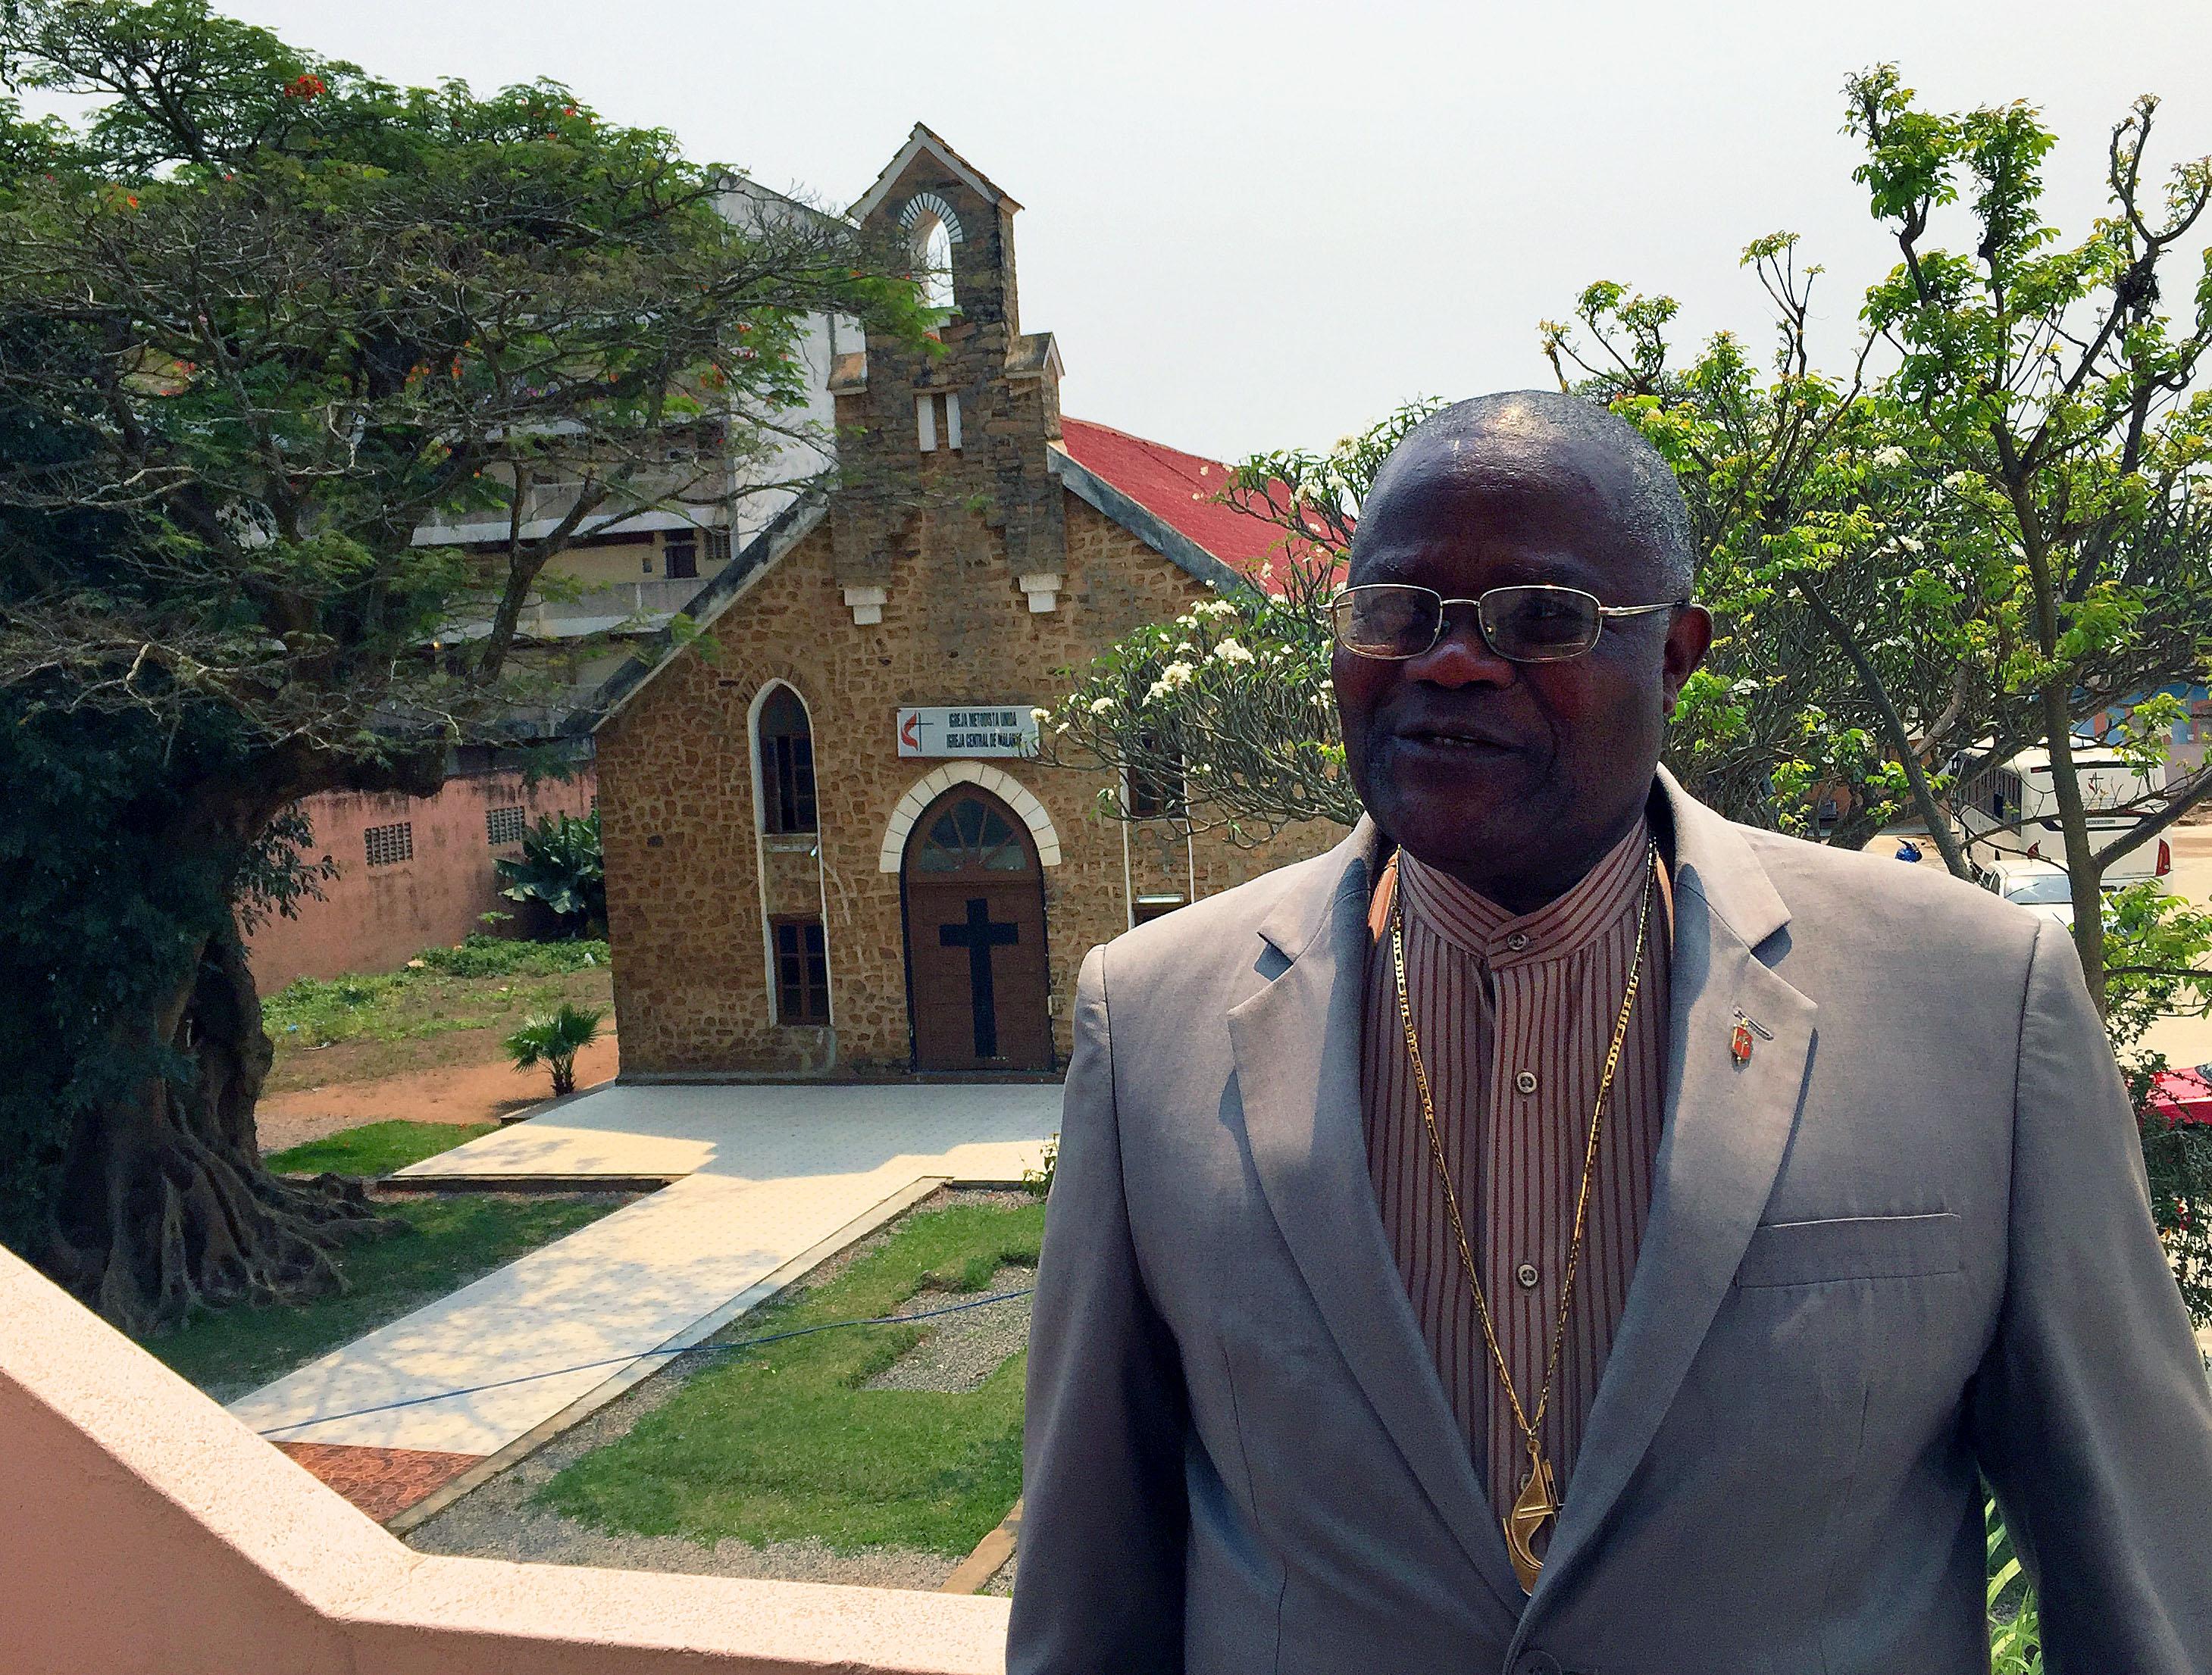 El Rev. José Quipungo es el Obispo Residente de la Conferencia del Este de  Angola en la Conferencia Central de África de La Iglesia Metodista Unida. Foto: Rev. Gustavo Vasquez, Noticias MU.